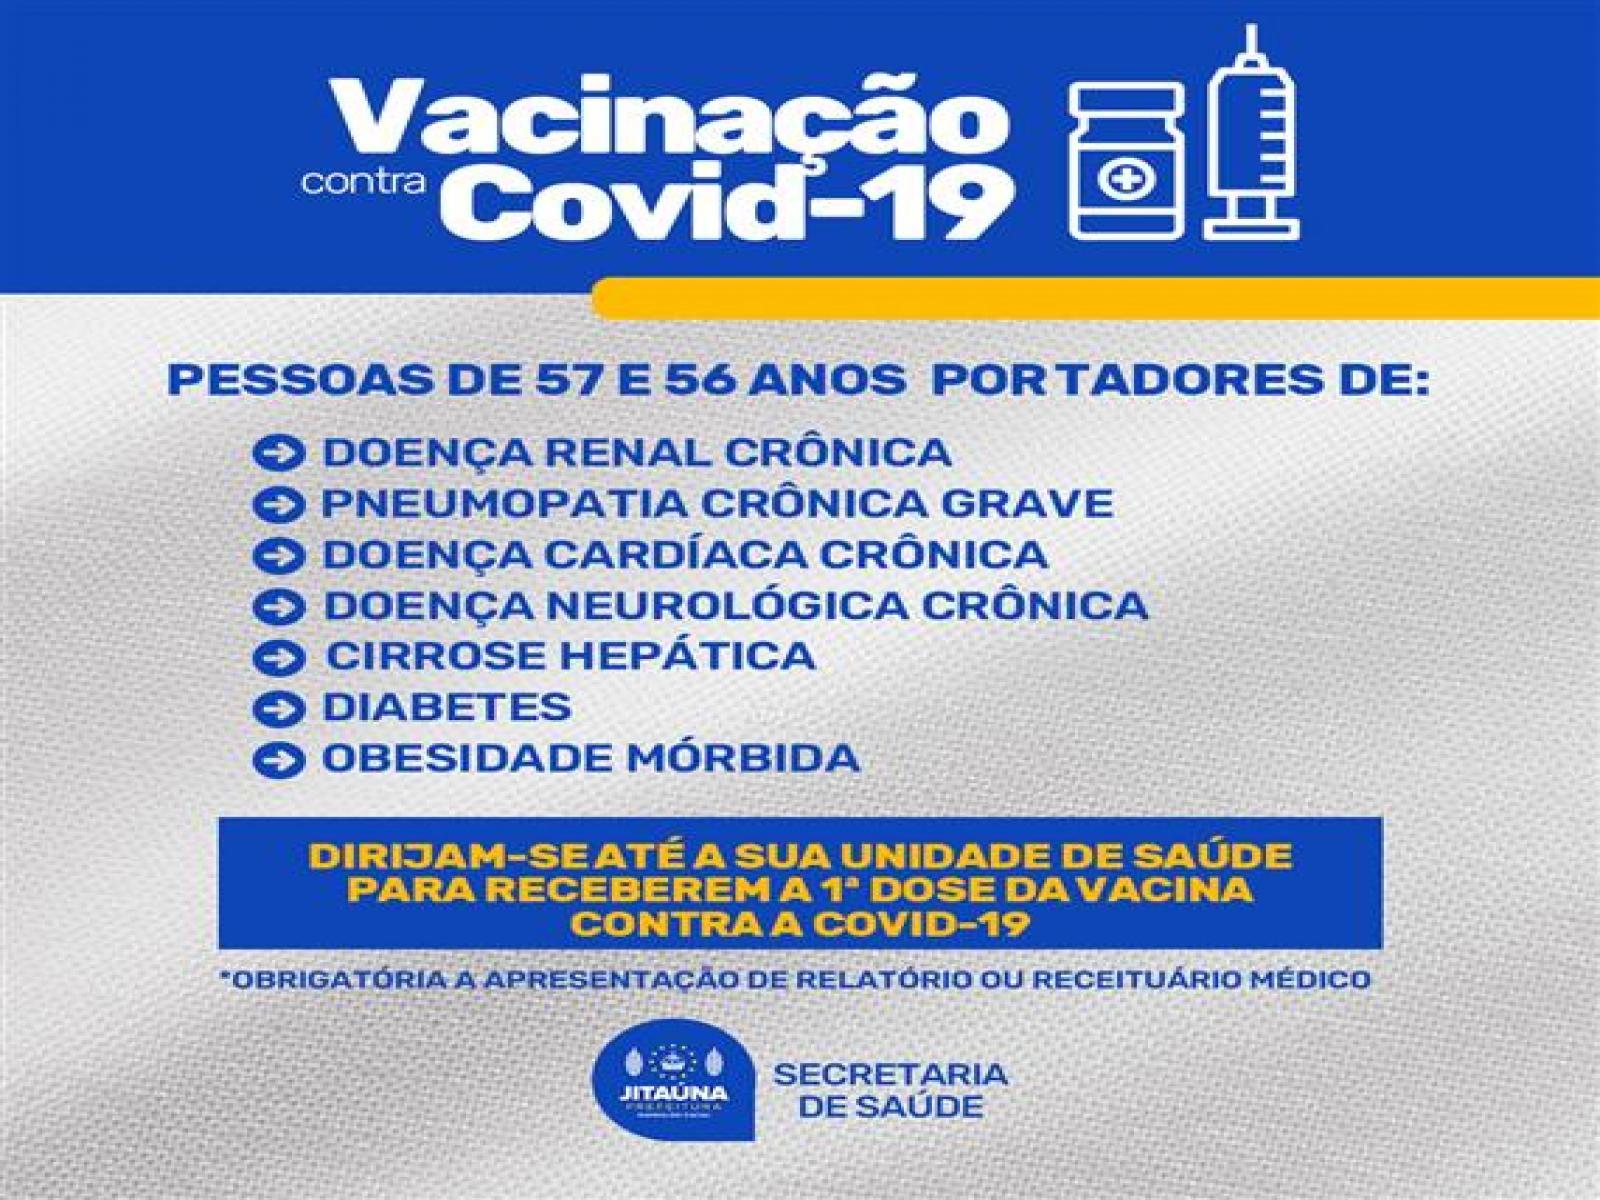 Pacientes com Pneumonia entre outras doenças crônicas serão vacinados contra a Covid-19 em Jitaúna